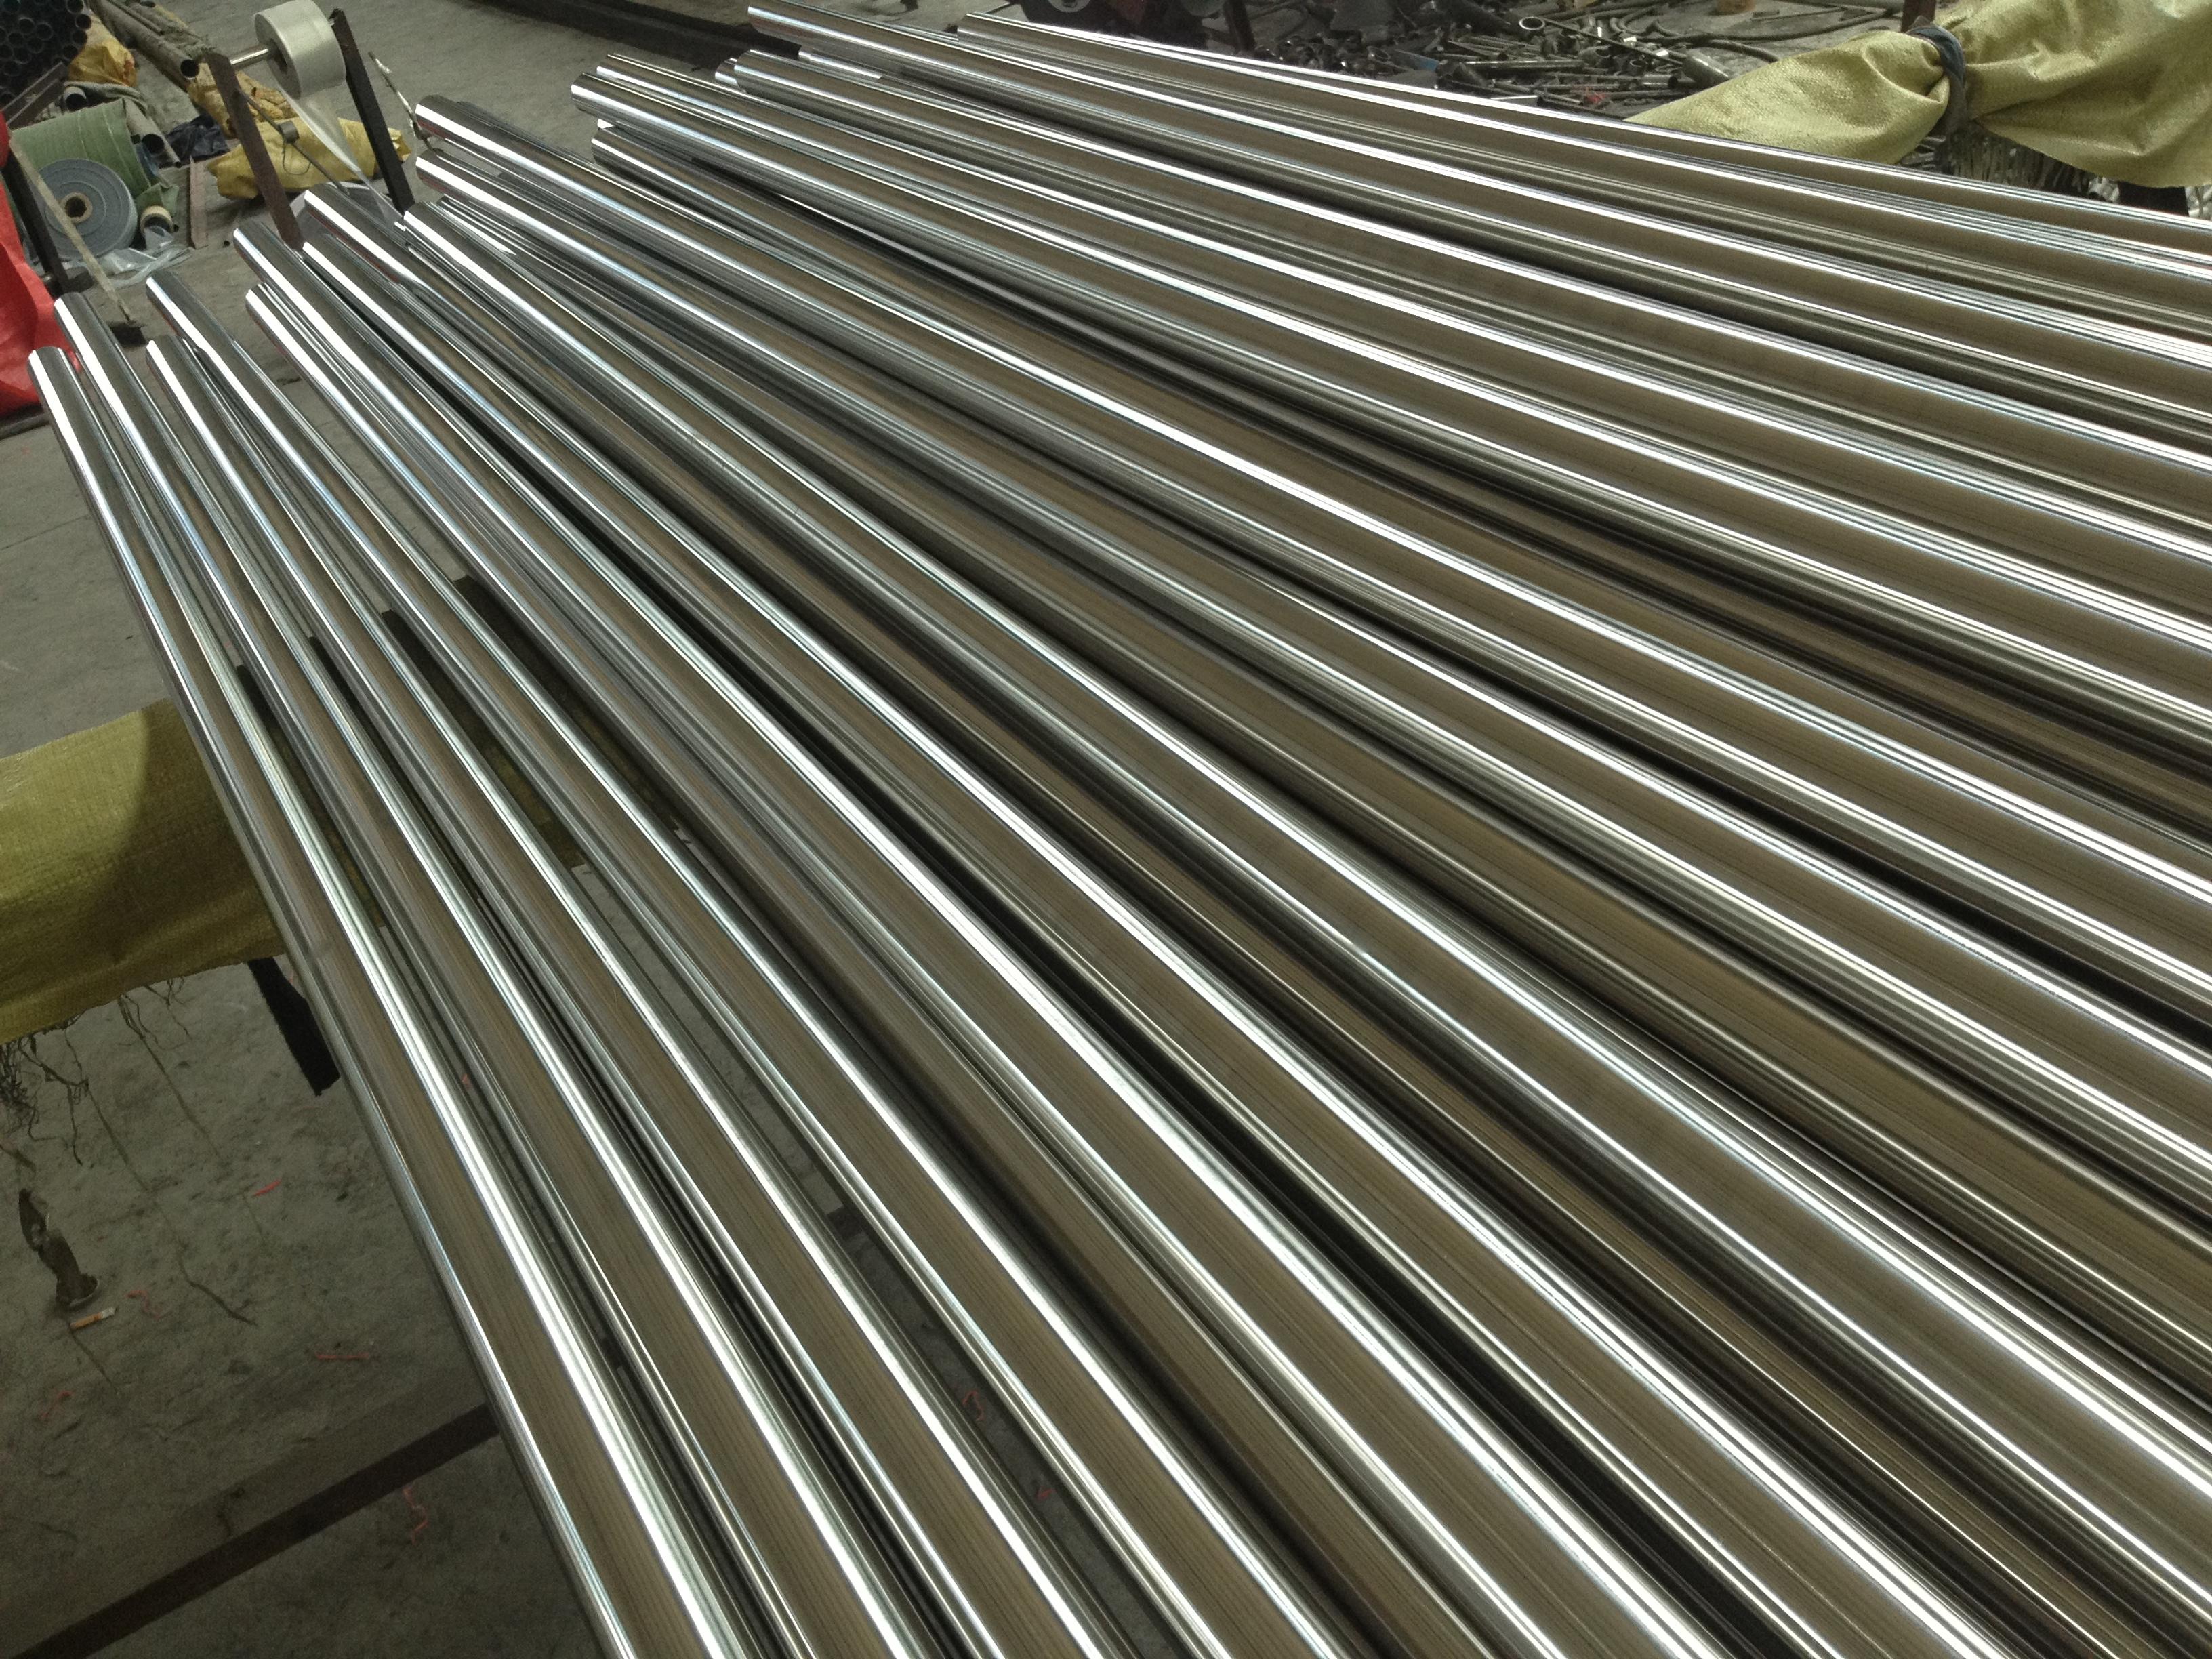 65*2卫生级不锈钢管接受的零件质量并在对质量产生影响之前发现任何变化(图3)